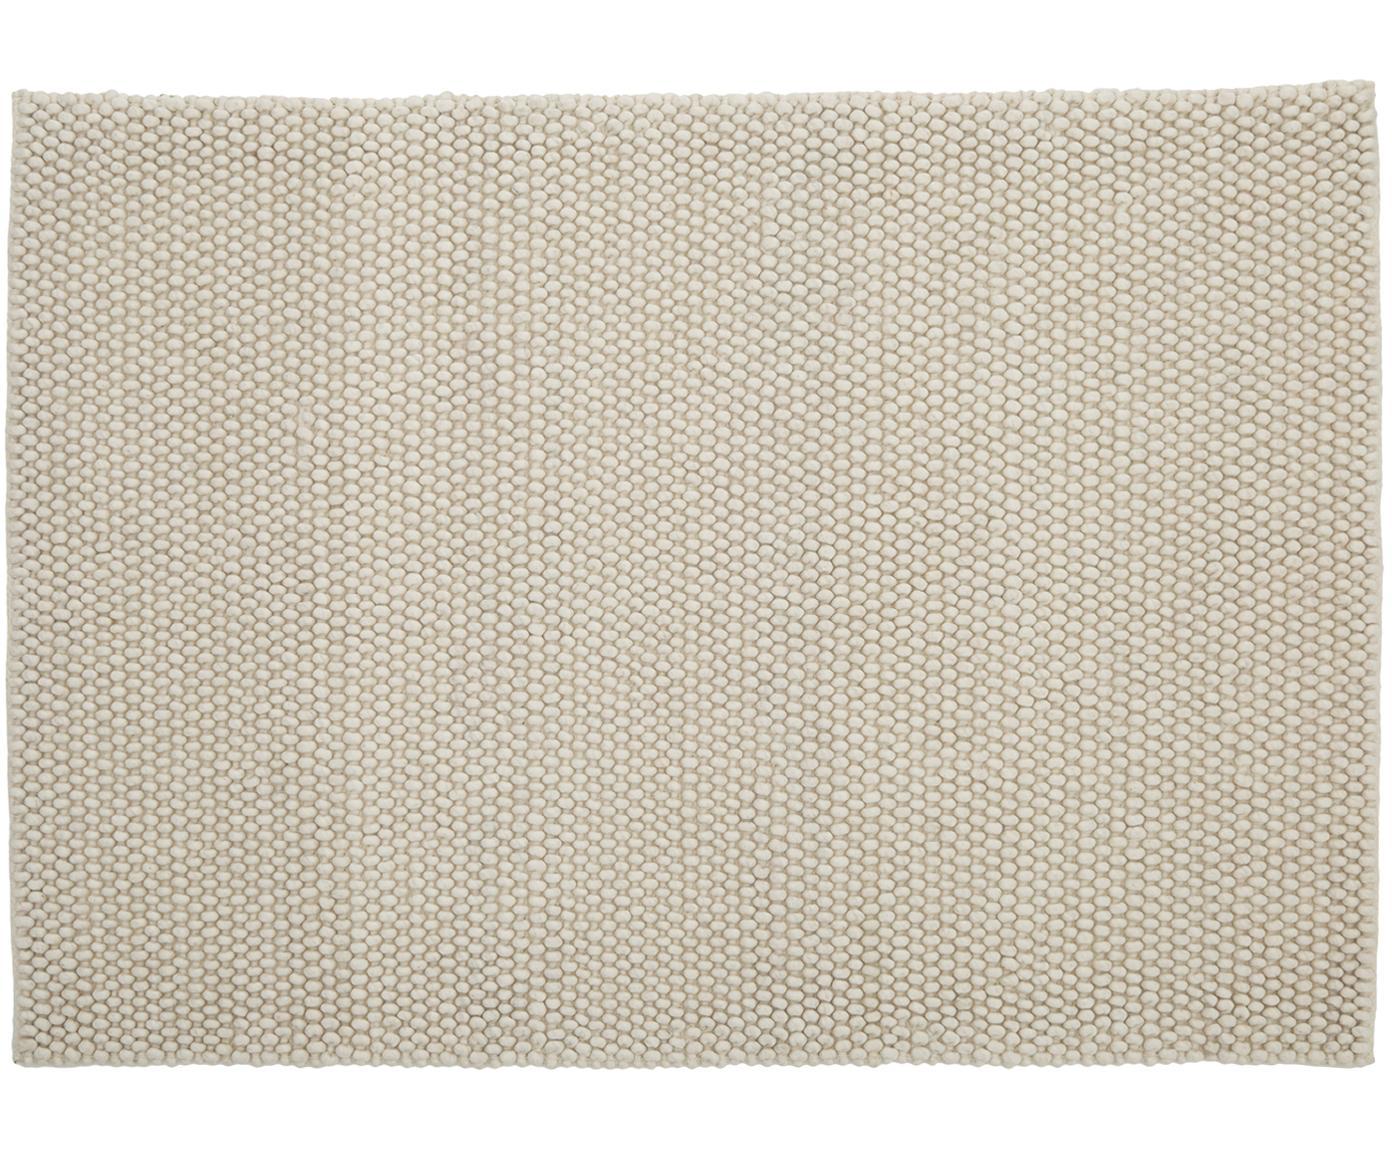 Handgestikte wollen vloerkleed My Loft, Bovenzijde: 60% wol, 40% viscose, Onderzijde: katoen, Ivoorkleurig, B 80 x L 150 cm (maat XS)